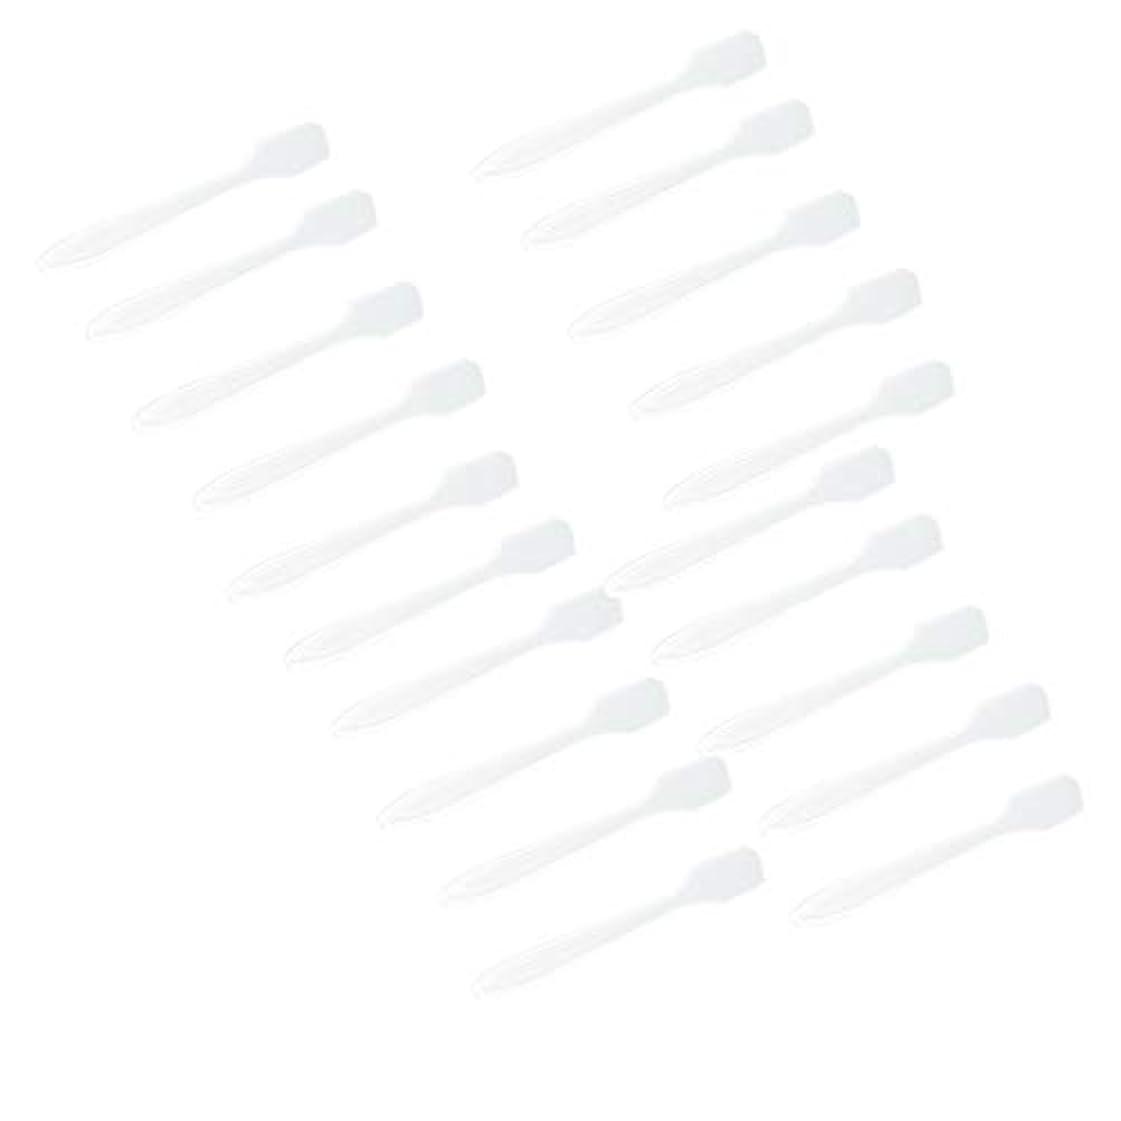 花輪置換居間5色 100点 フェイシャル クリーム マスクスプーン 化粧品へら 女性美容ツール - クリア